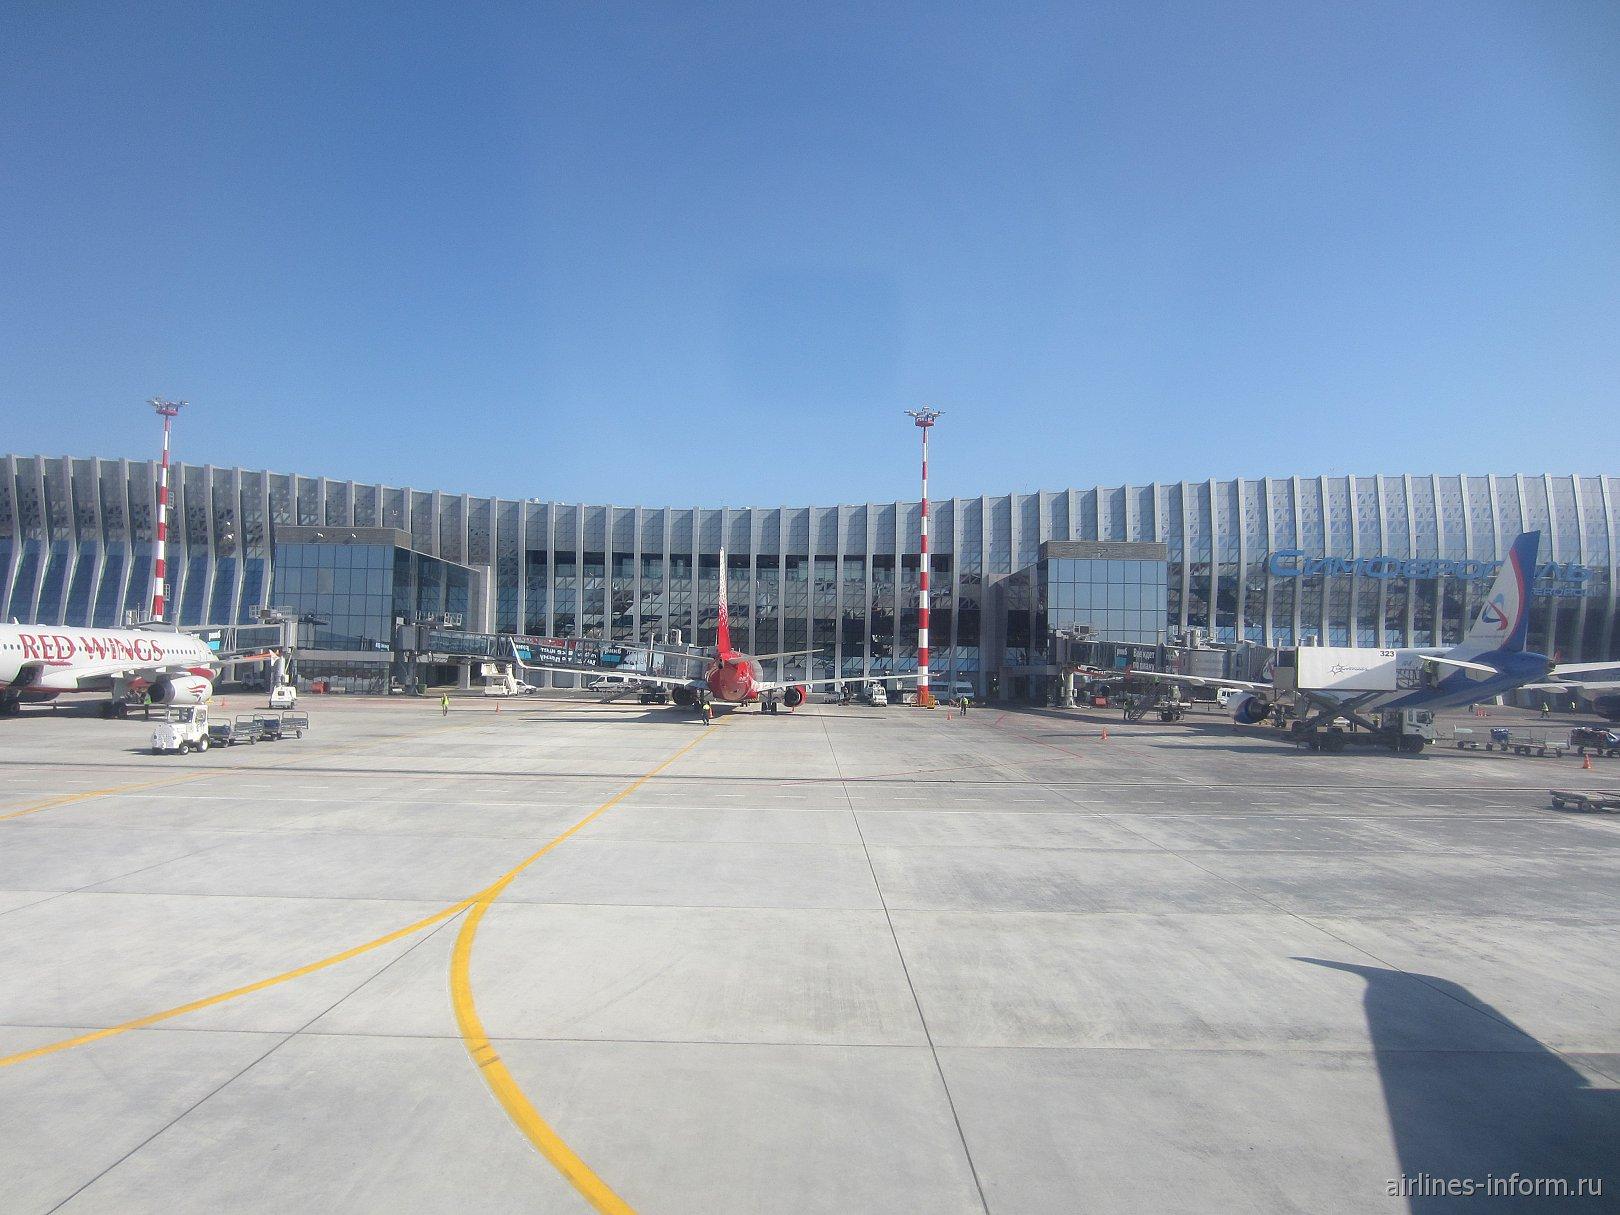 Вид с перрона на пассажирский терминал аэропорта Симферополь